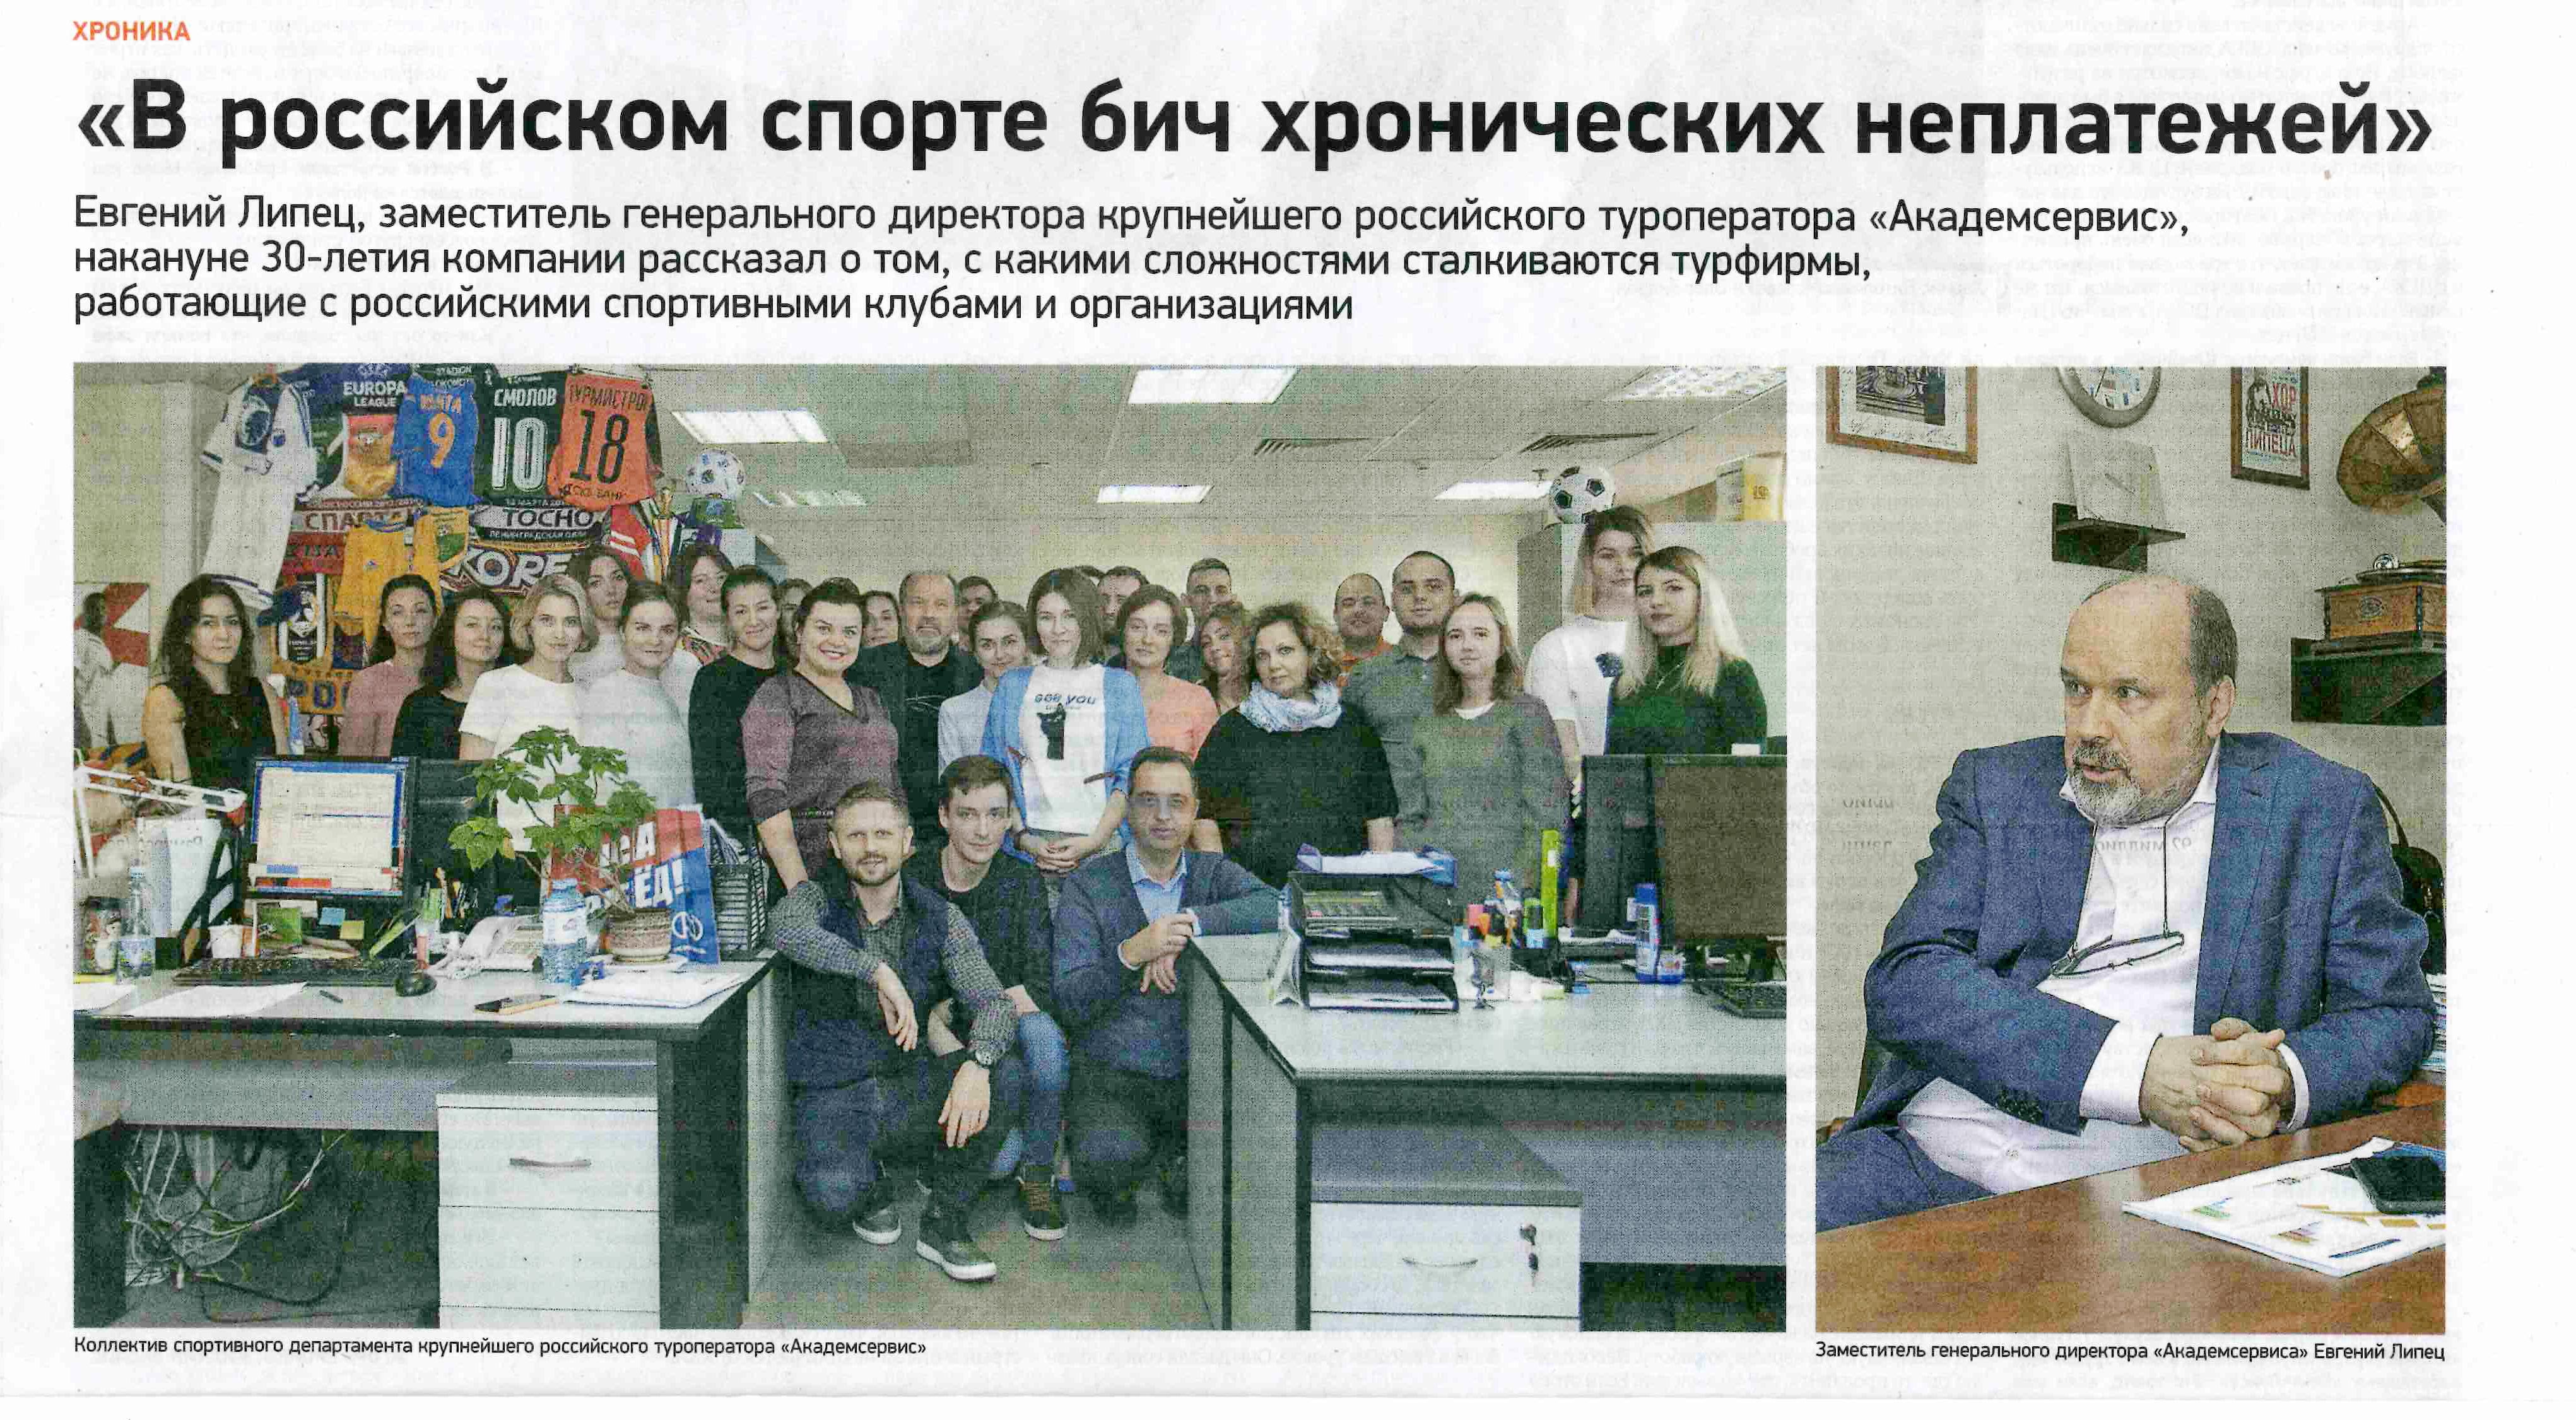 """Газета """"Спорт-экспресс"""" № 249 от 07.11.2019 г."""